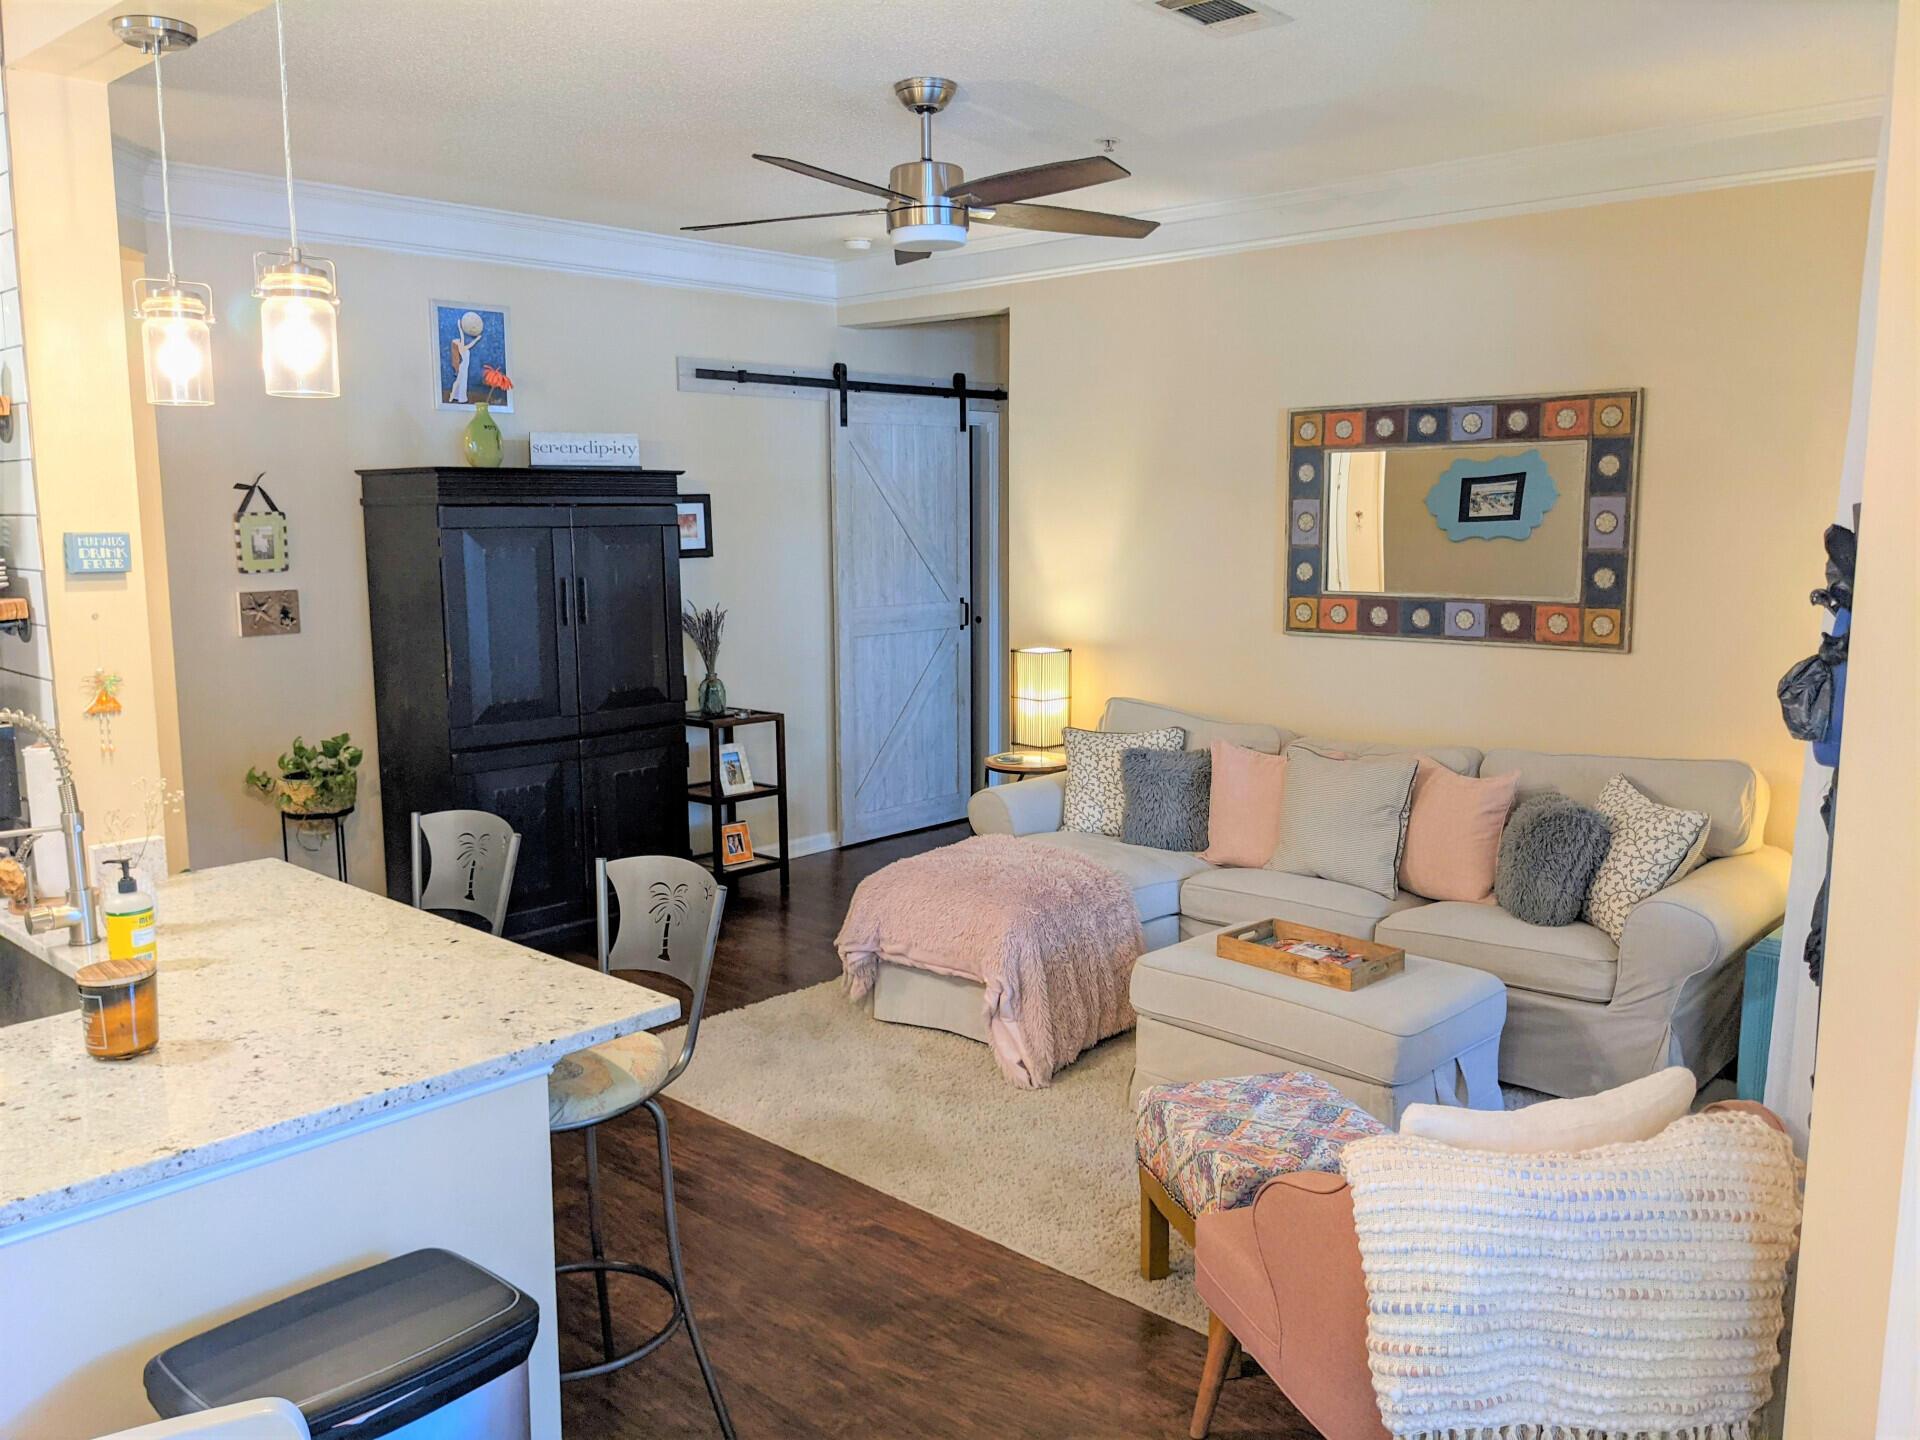 Southampton Pointe Homes For Sale - 2500 Beaucastle, Mount Pleasant, SC - 7